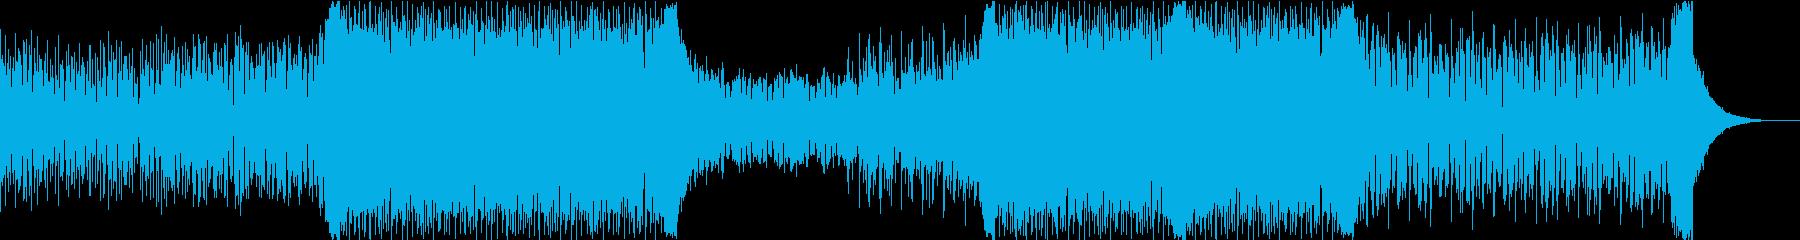 ファンクギター/ニューディスコ/ダンスの再生済みの波形